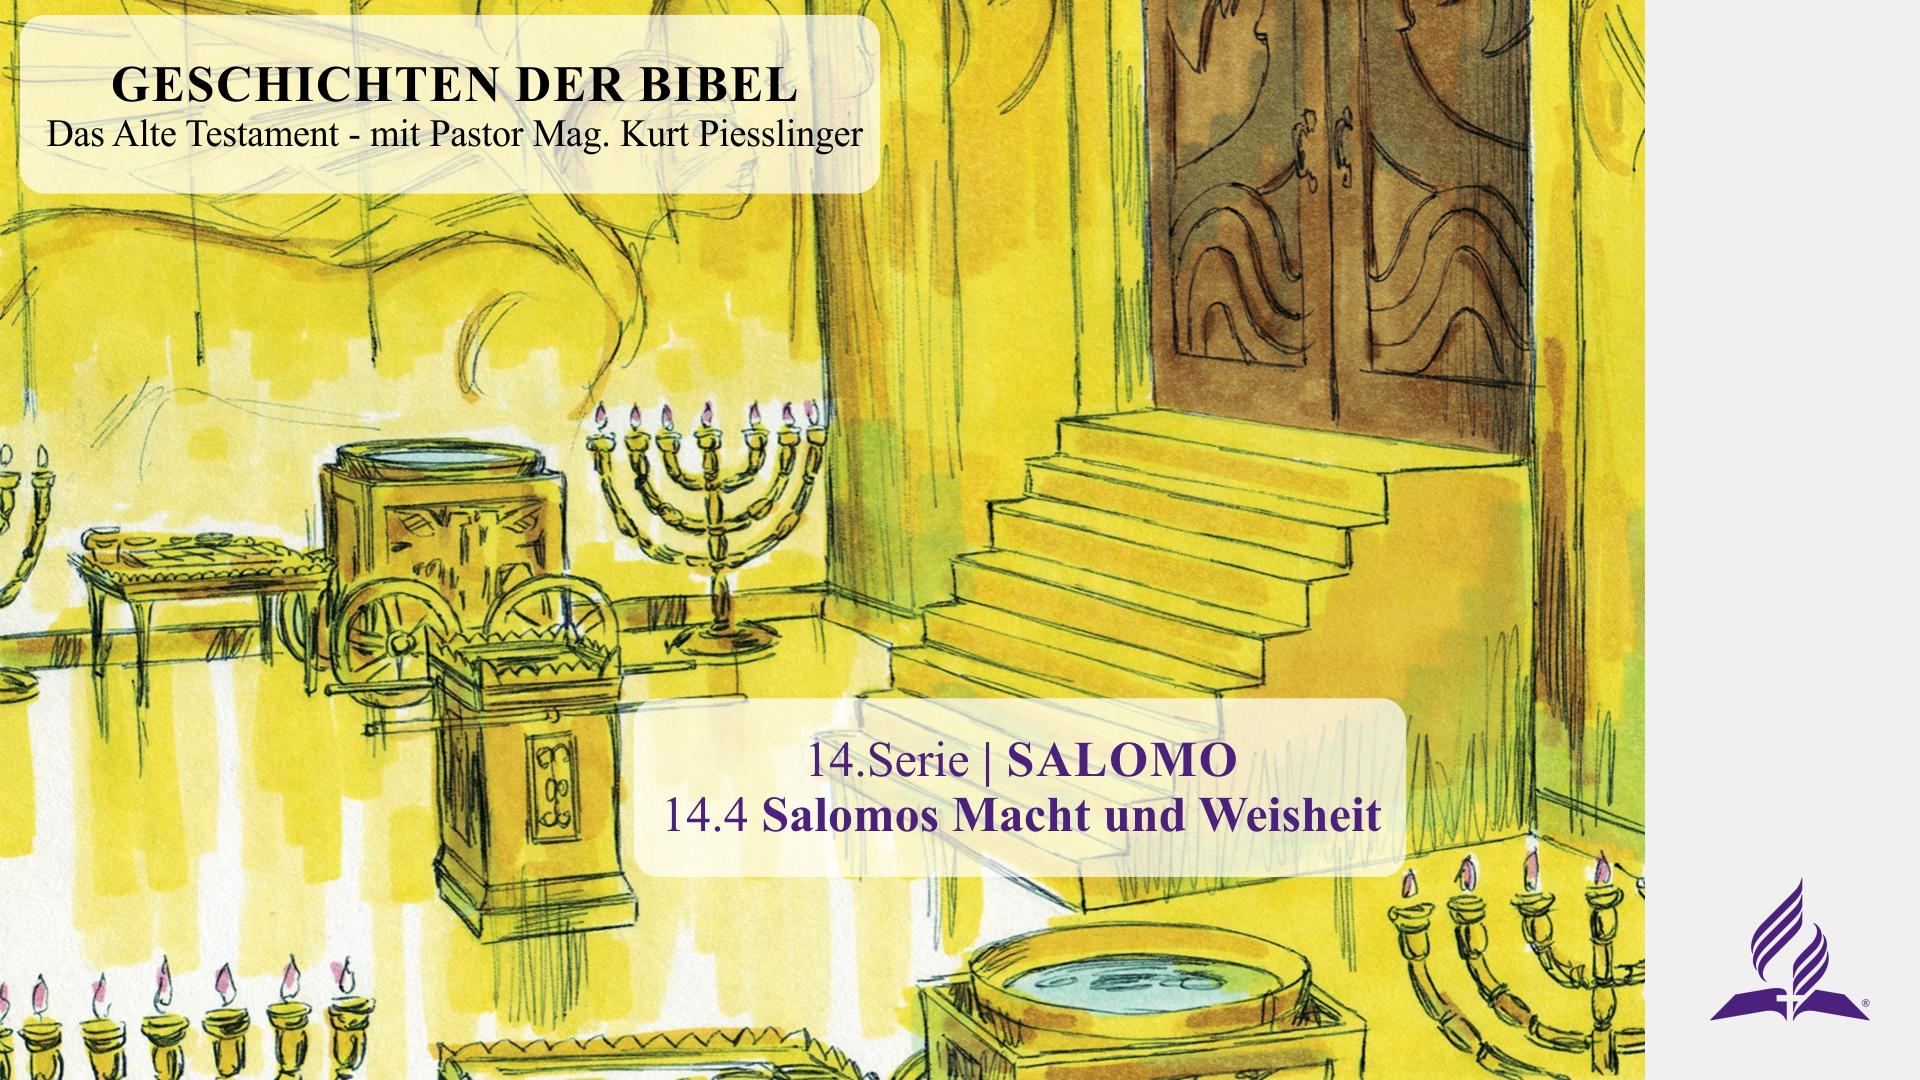 GESCHICHTEN DER BIBEL: 14.4 Salomos Macht und Weisheit – 14.SALOMO | Pastor Mag. Kurt Piesslinger